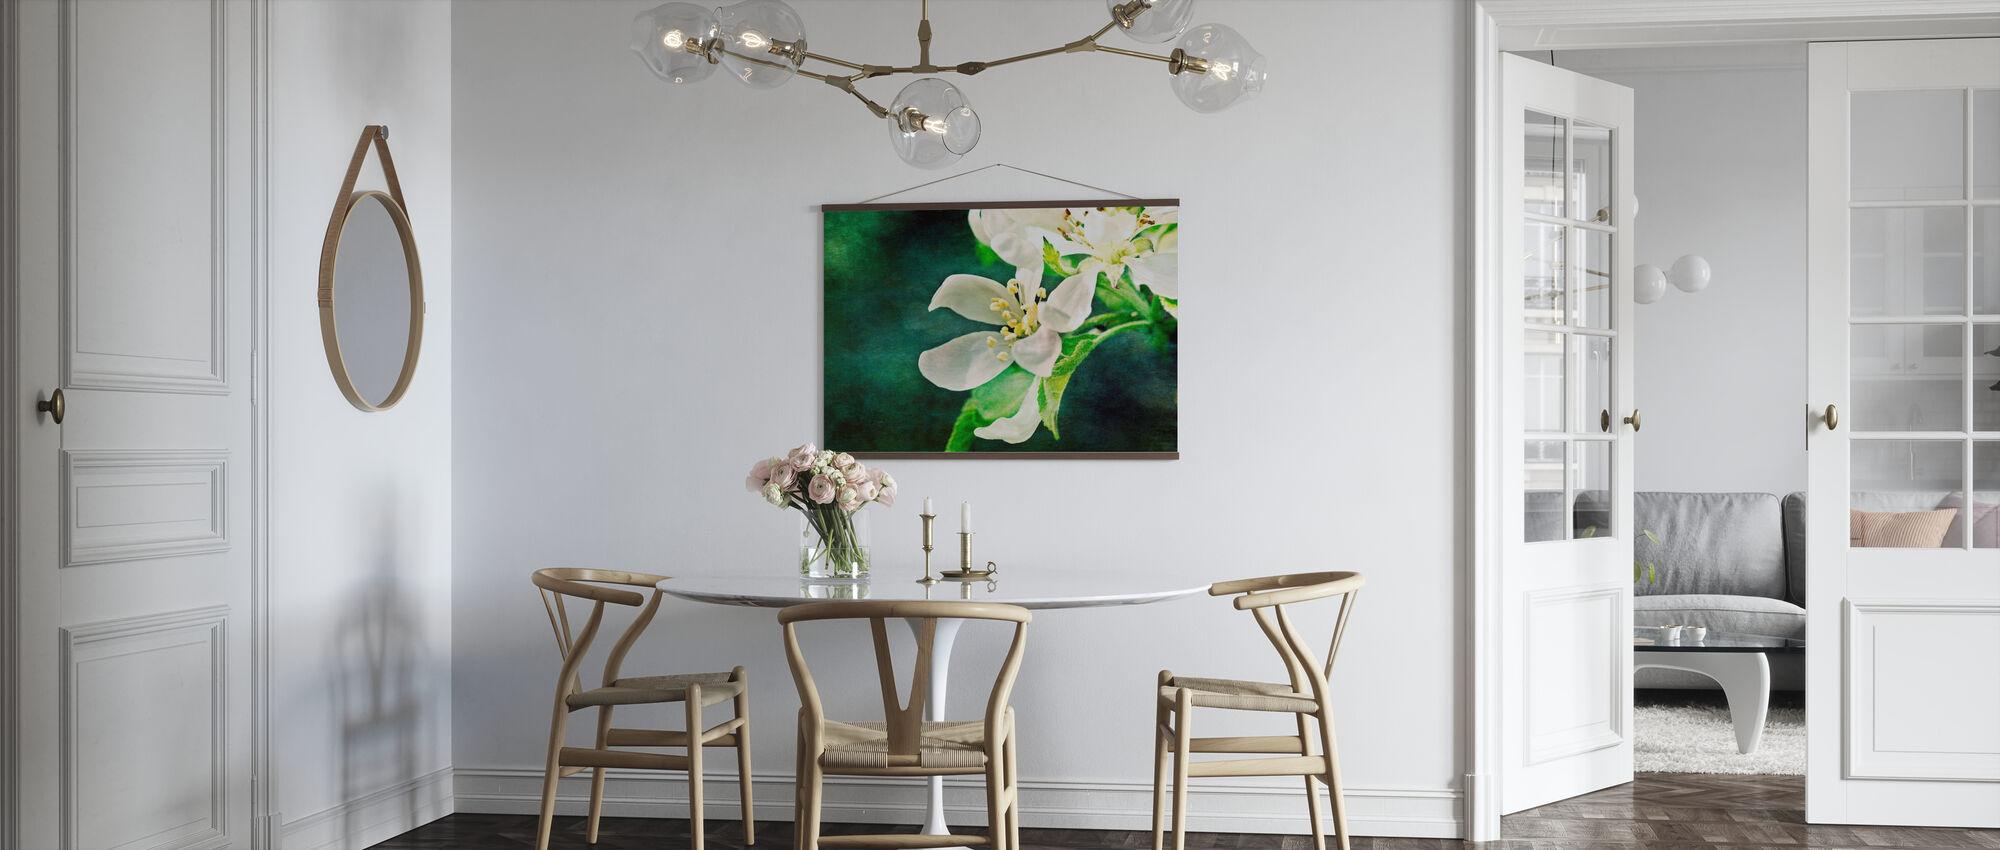 Apple Blossom - Poster - Kitchen